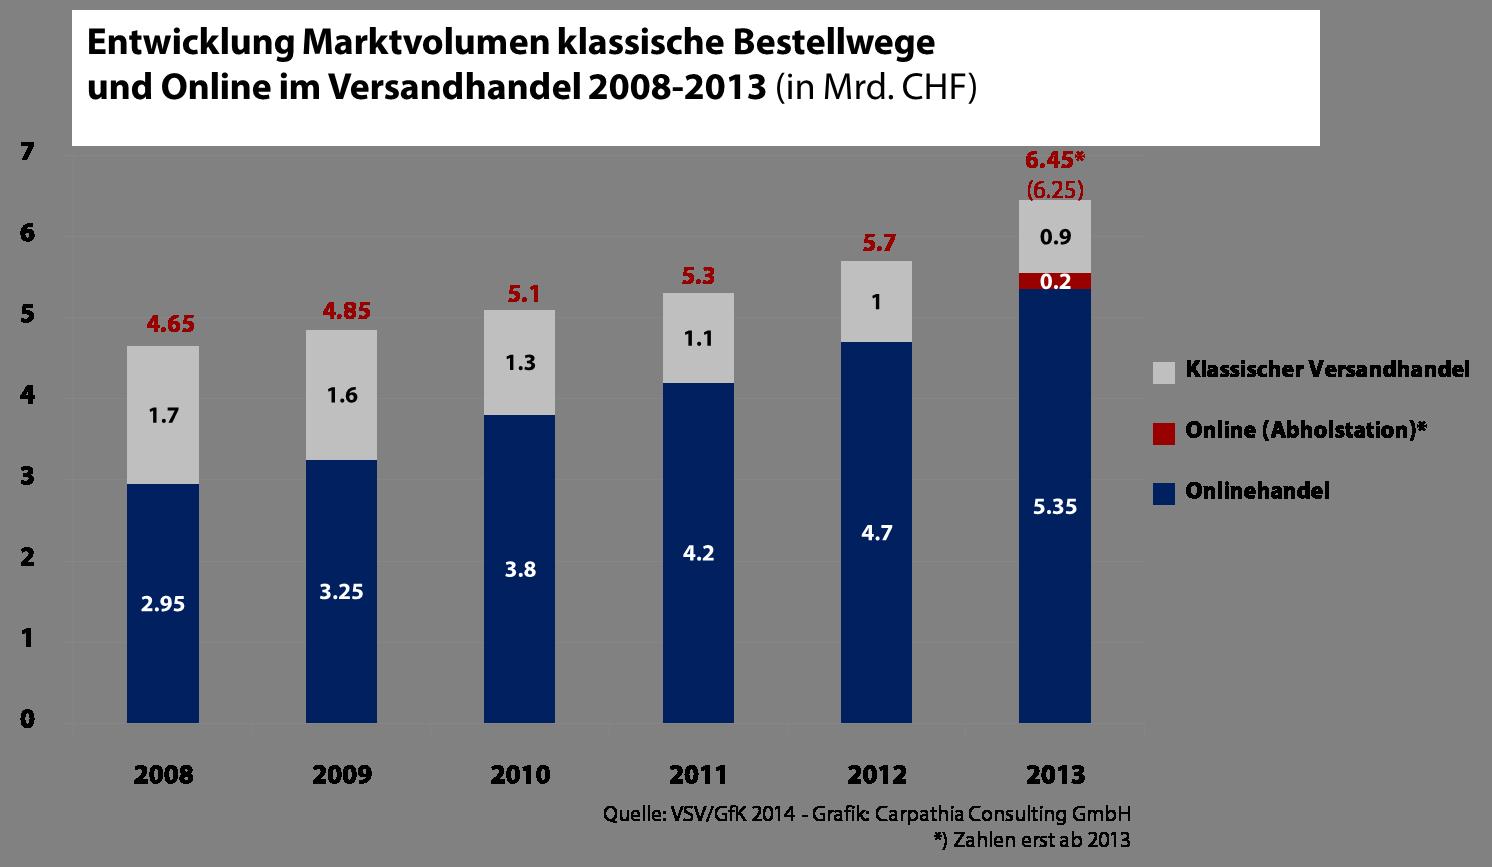 Entwicklung Marktvolumen klassische Bestellwege / Quelle: VSV/GfK - Grafik: Carpathia